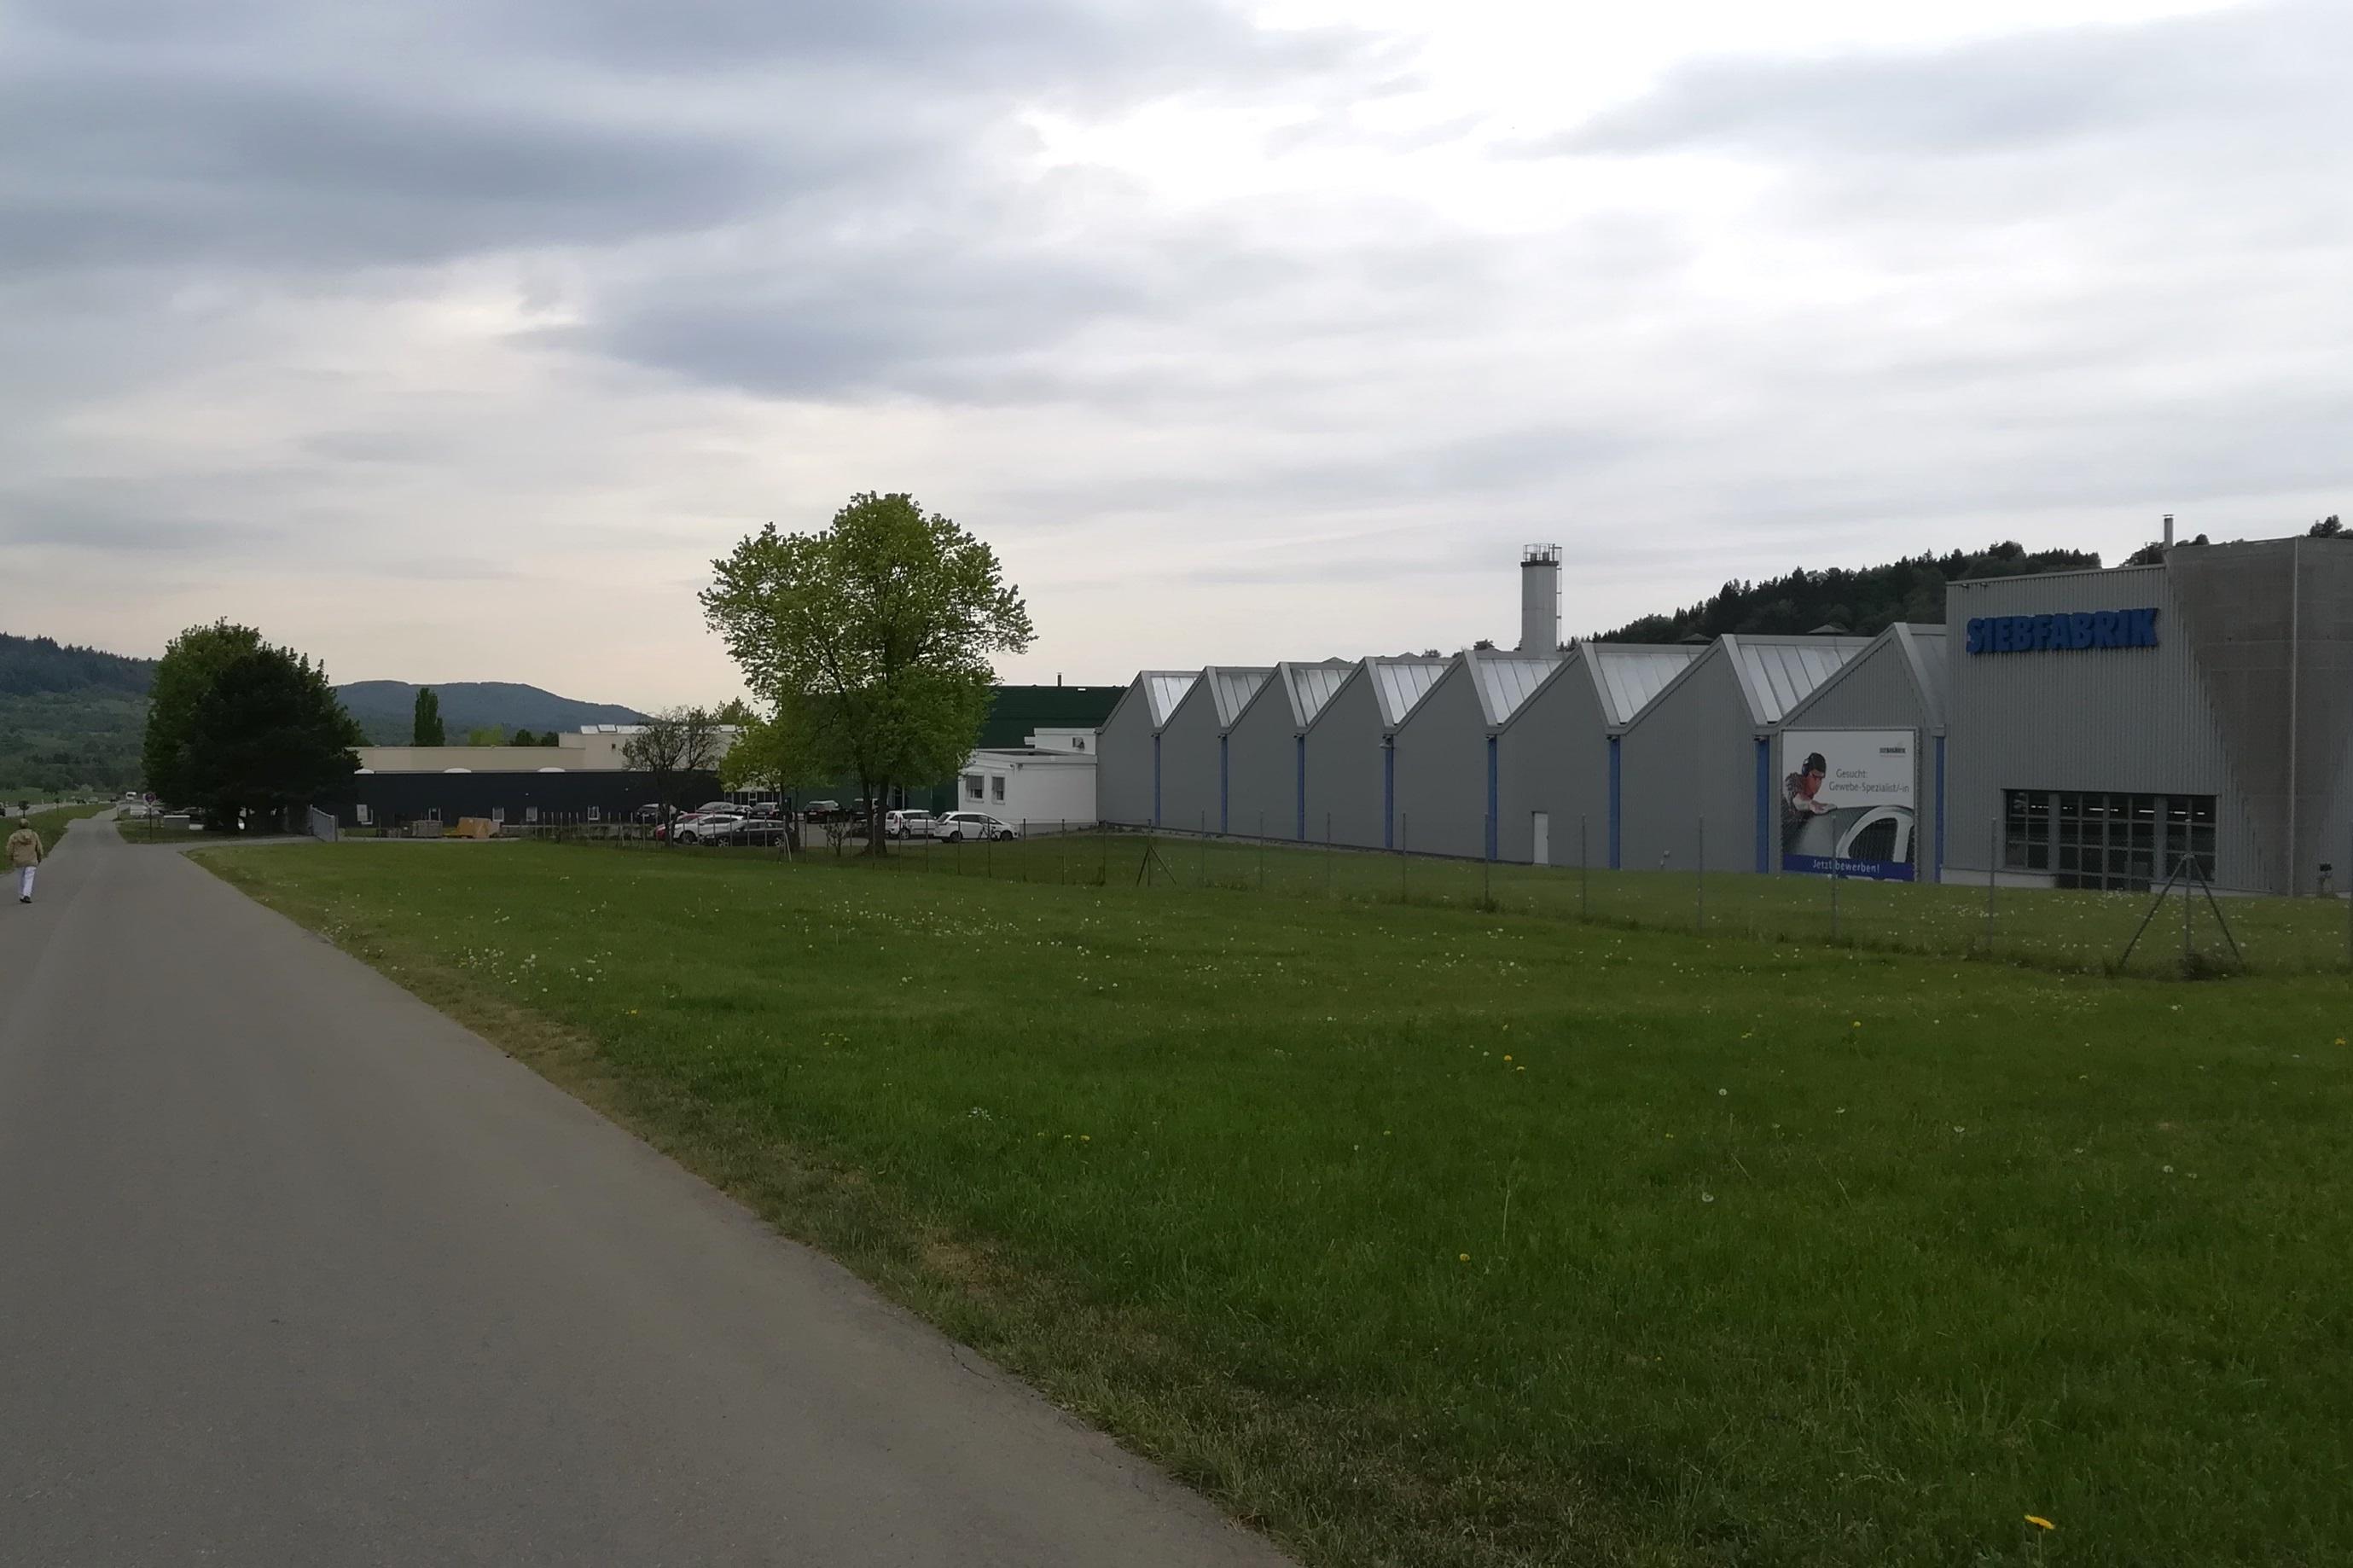 Flächen und Gebäude im Gewerbegebiet Braike in Oeschingen